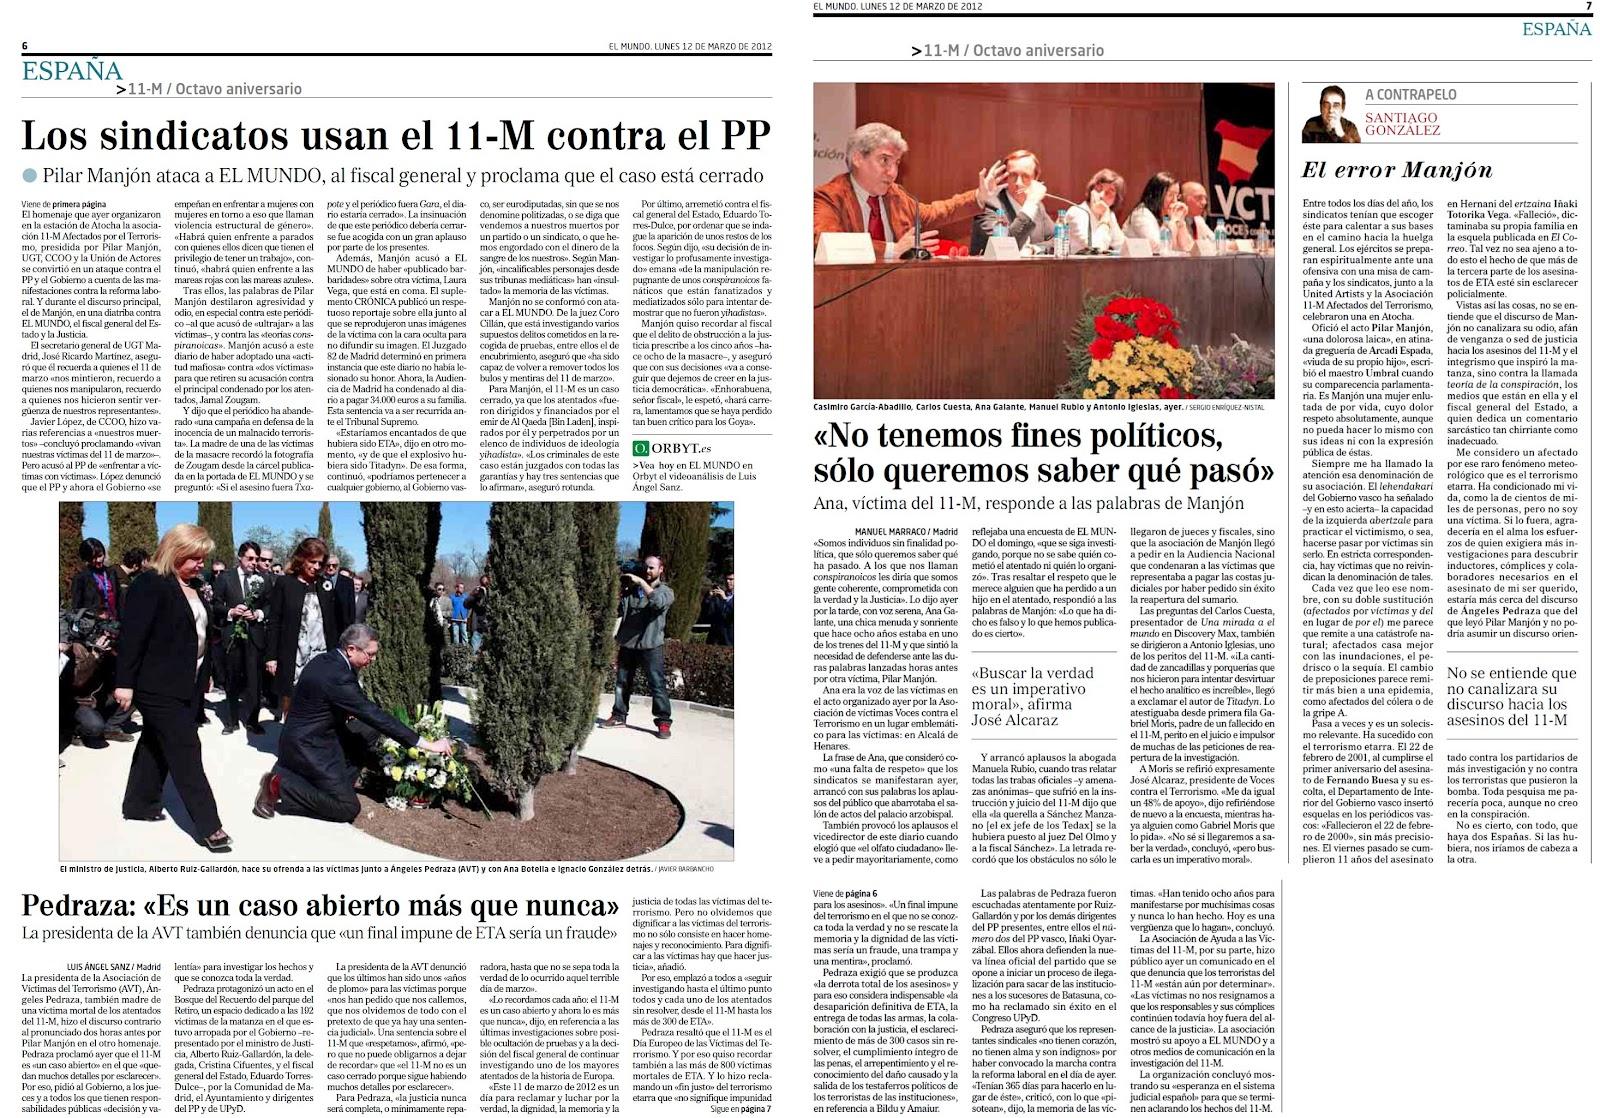 Los sindicatos y la Manjon envilecen el octavo aniversario del 11-M utilizándolo políticamente para sus abyectos fines